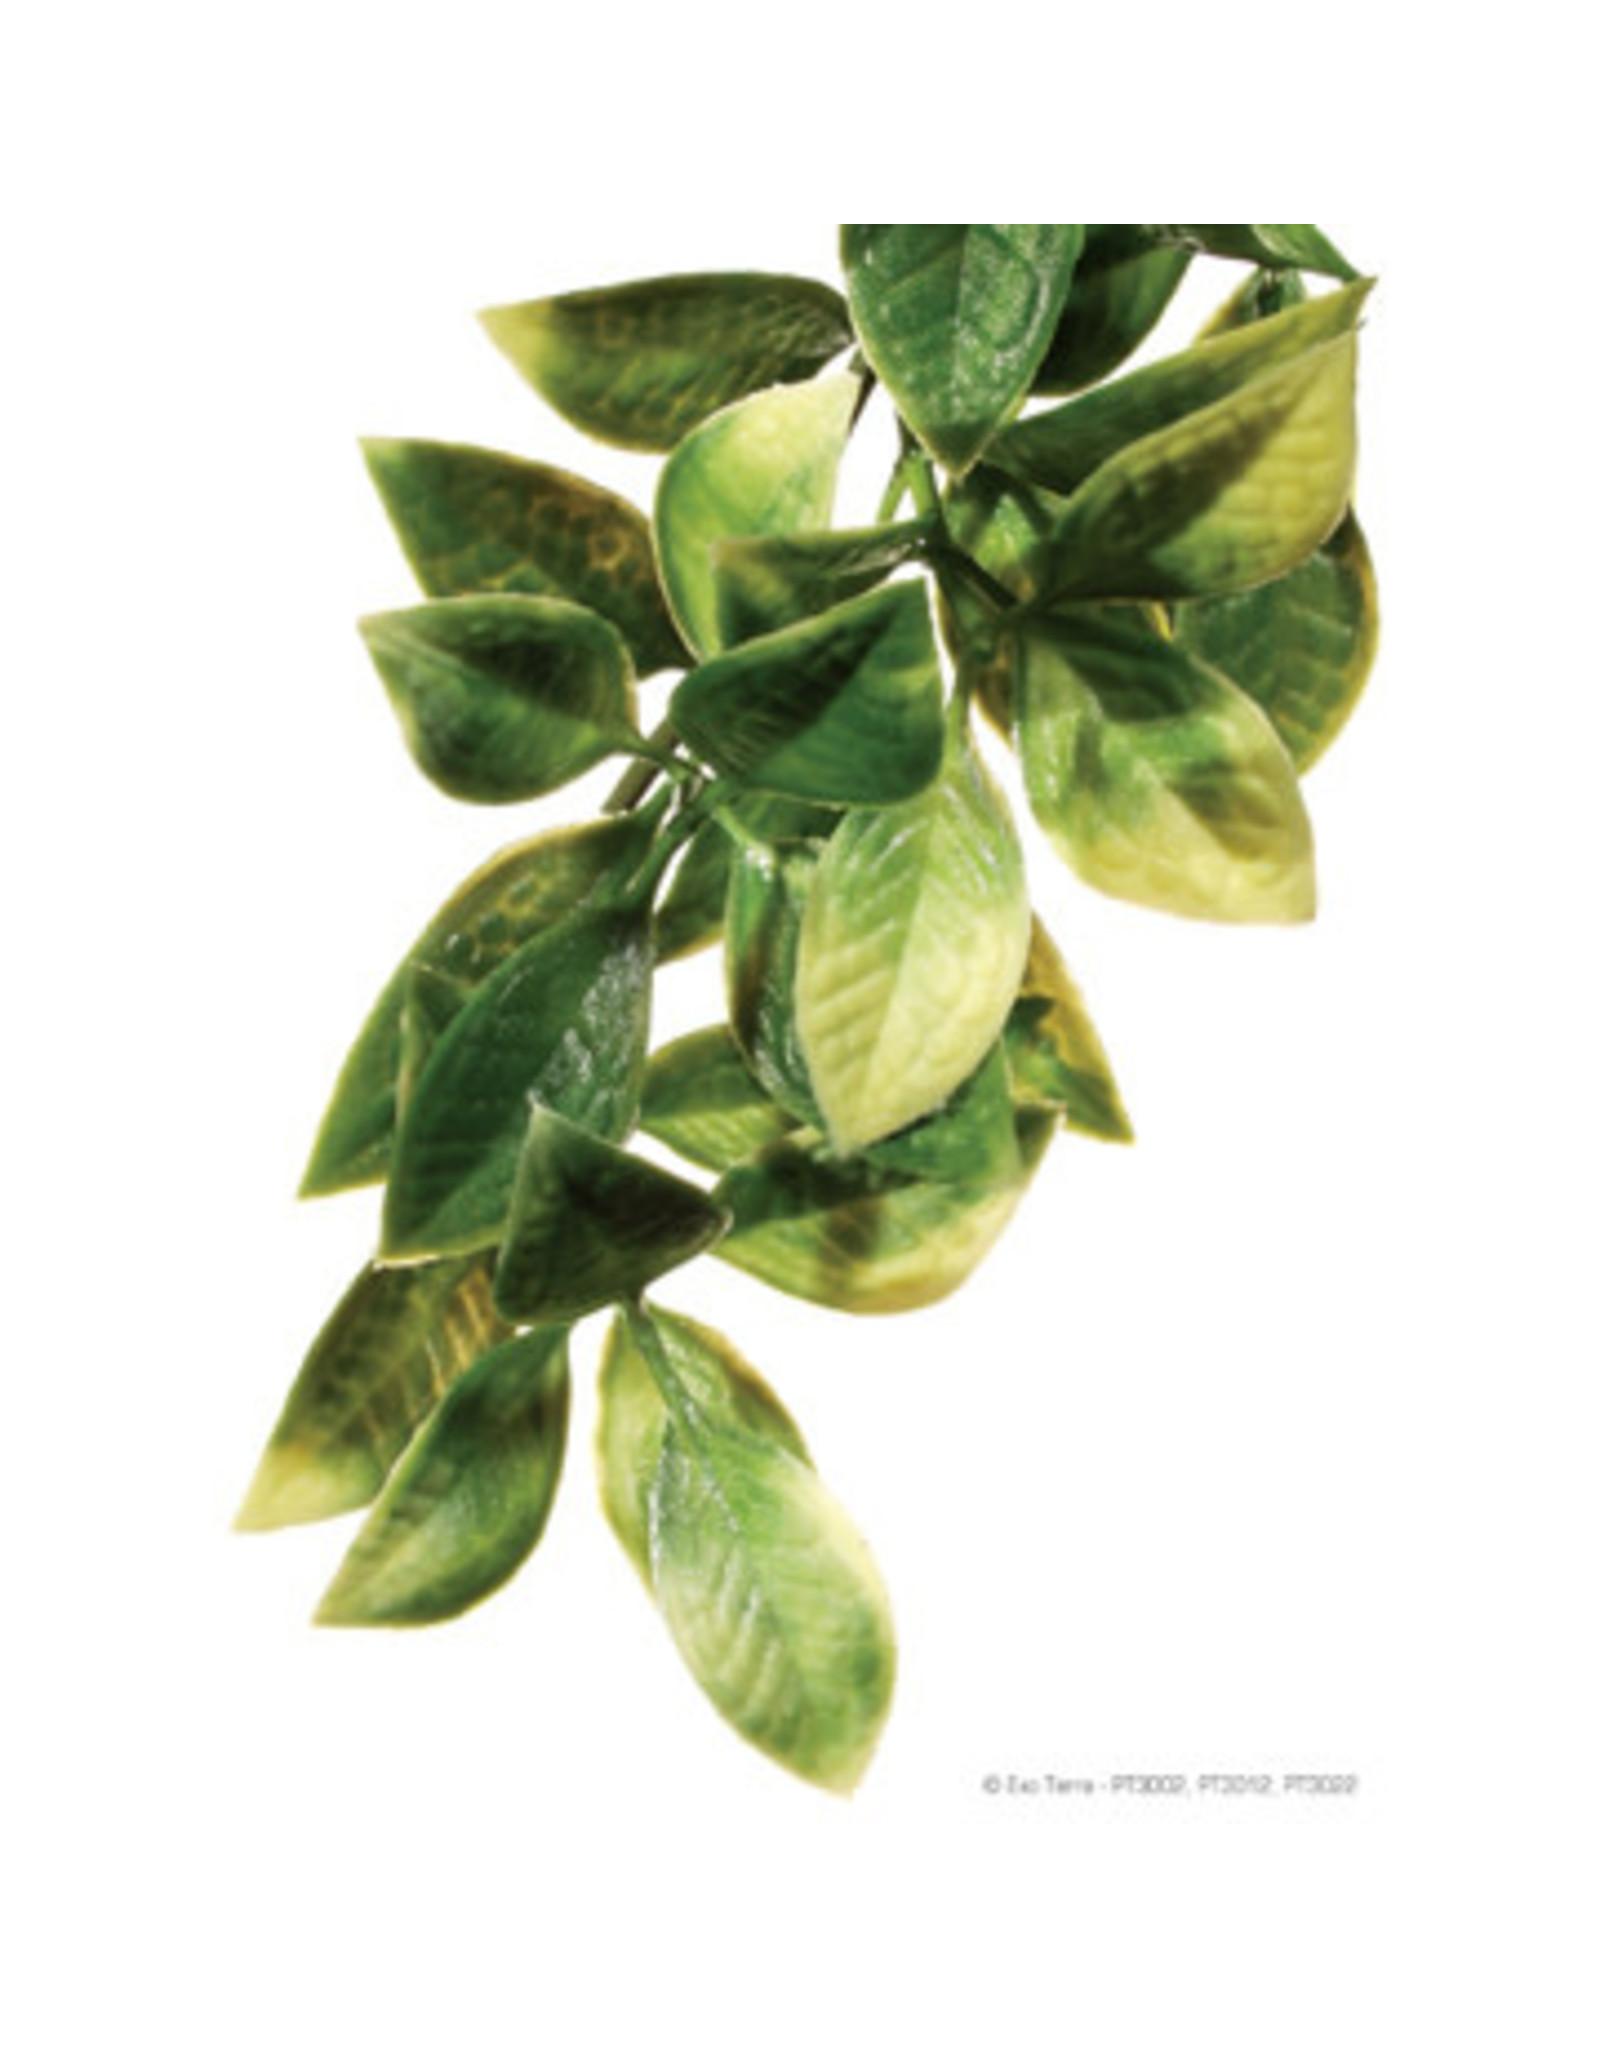 Exo Terra Jungle Plant Mandarin Medium